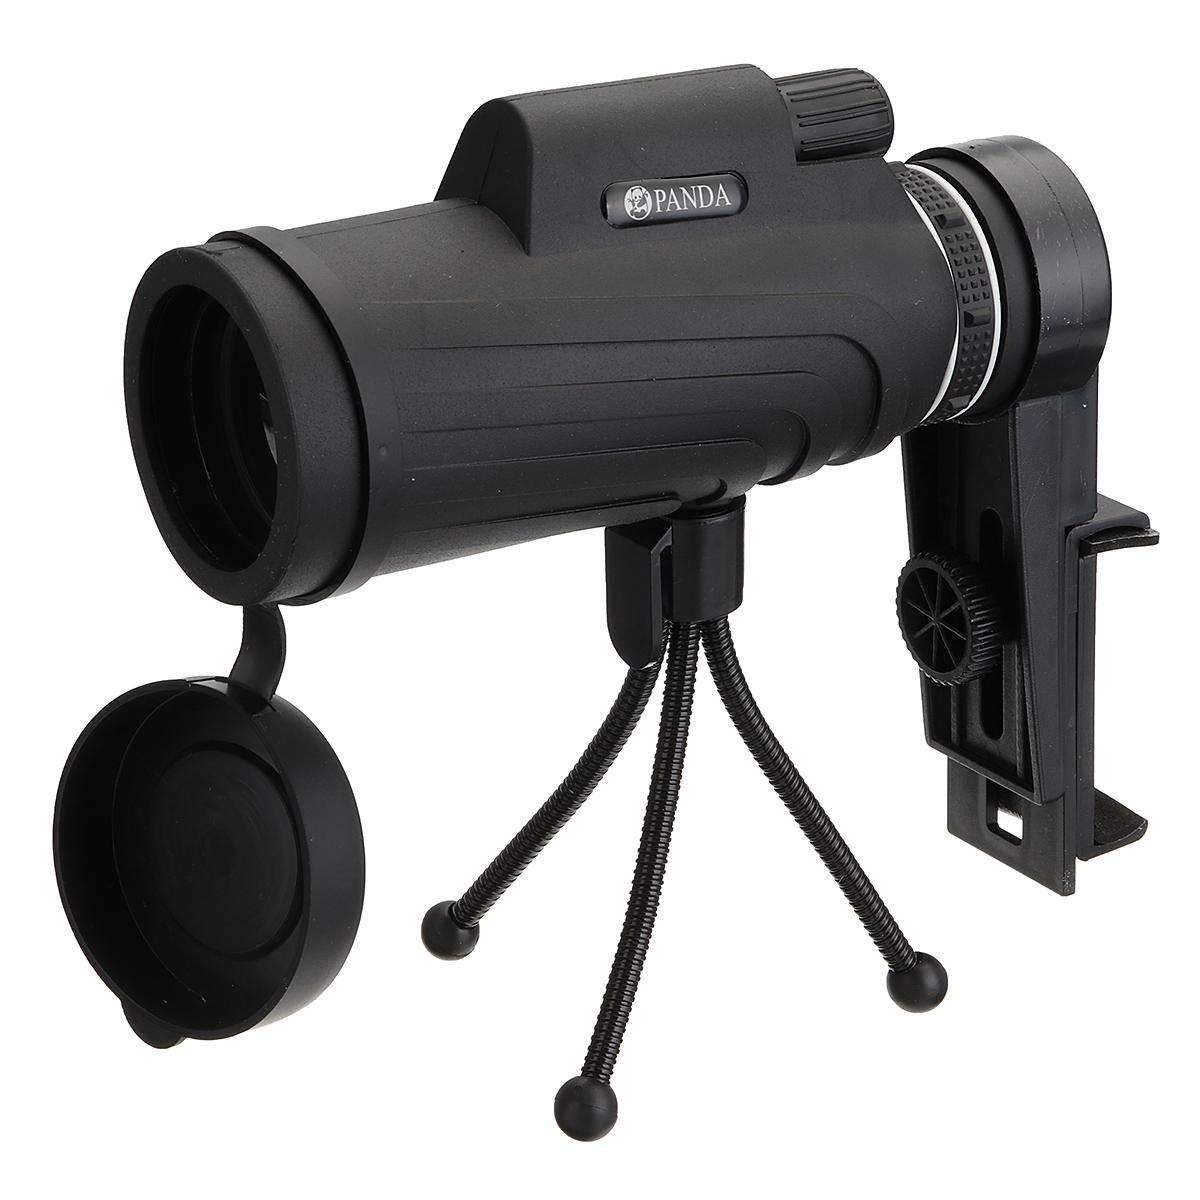 Panda 40x60 étanche télescope monoculaire pour Smartphone avec support de téléphone clip + trépied